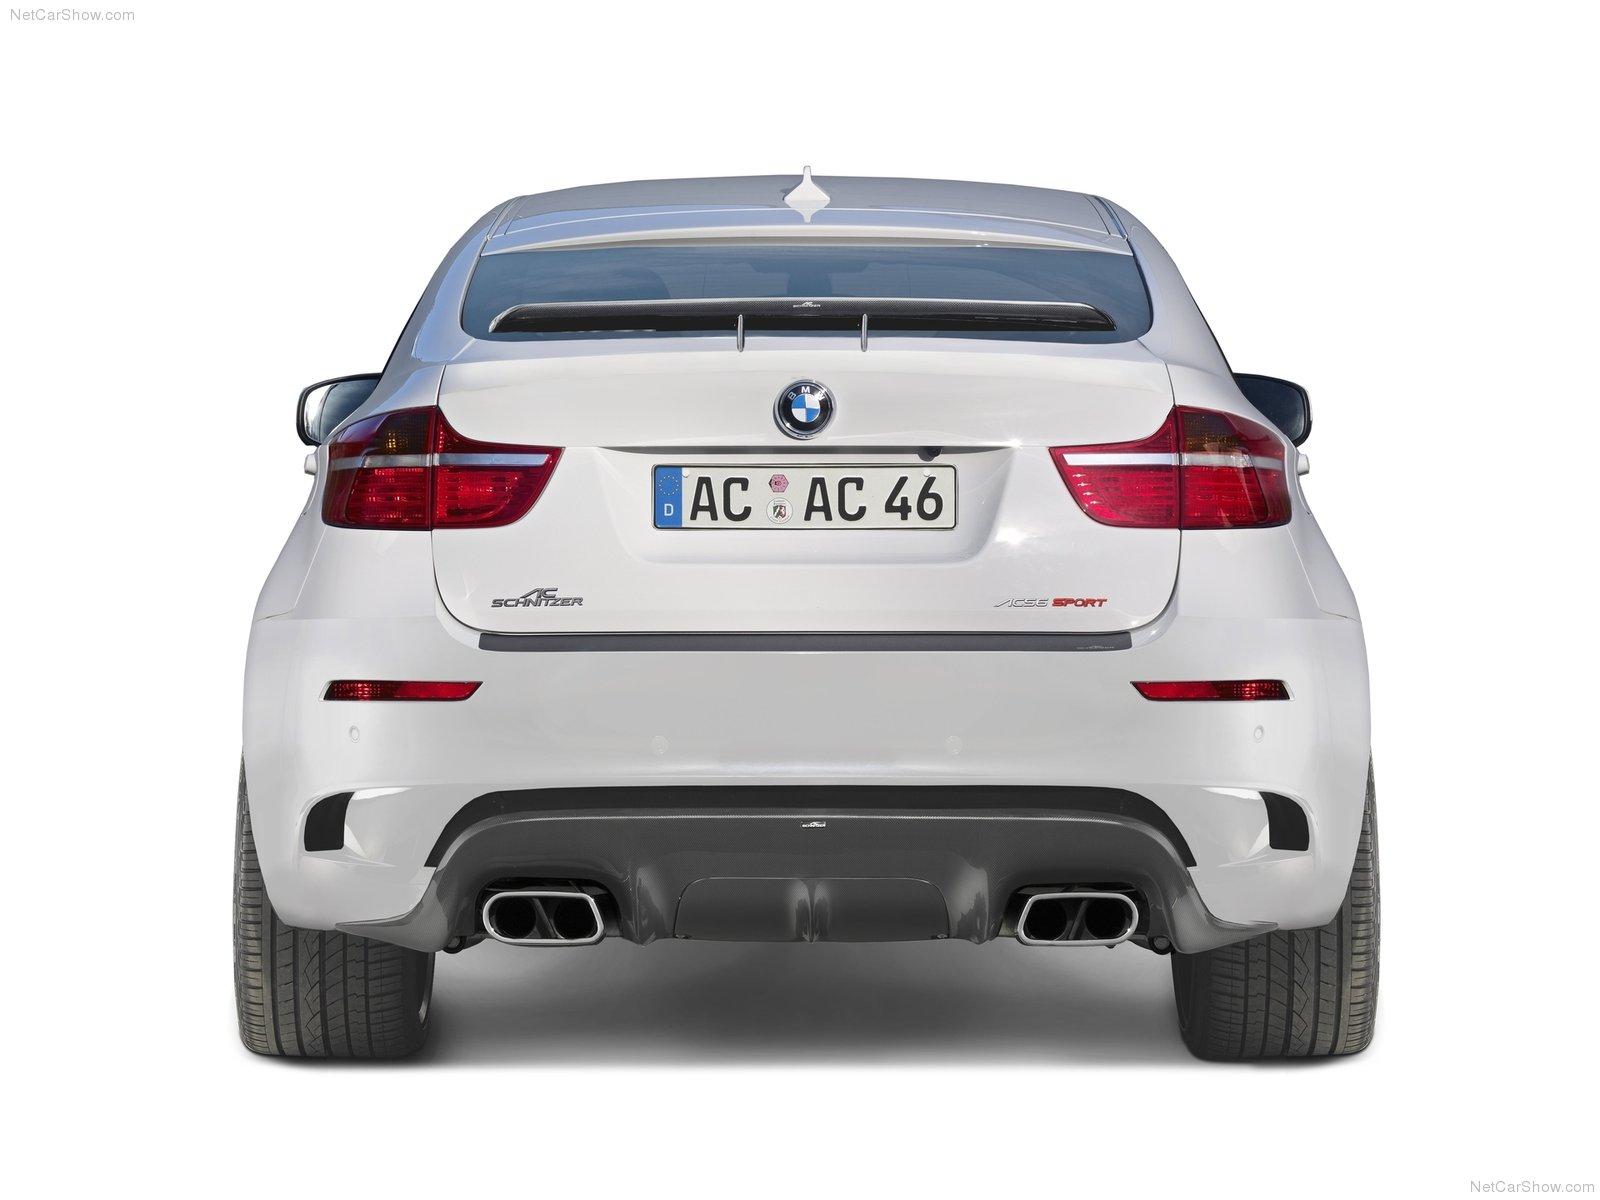 http://4.bp.blogspot.com/_D5hgPjGJZ54/TA6RjM9XgiI/AAAAAAAAC3E/m2RWwJtd3FA/s1600/AC_Schnitzer-BMW_X6_M_2010_1600x1200_wallpaper_18.jpg